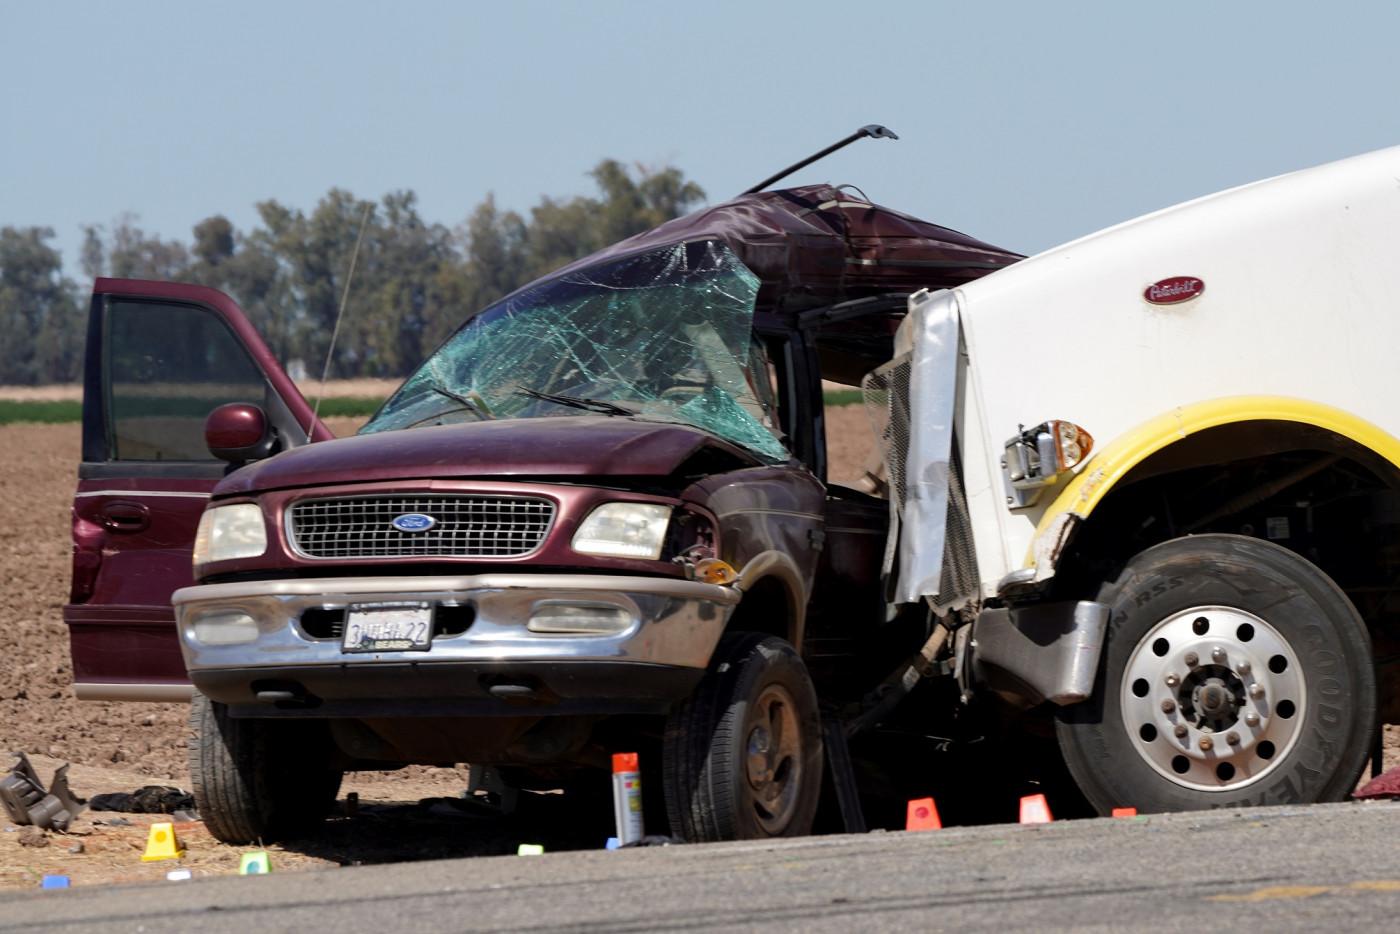 Carro roxo com parabrisa quebrado e amassado em todo o lado esquerdo pela cabine de um caminhão branco